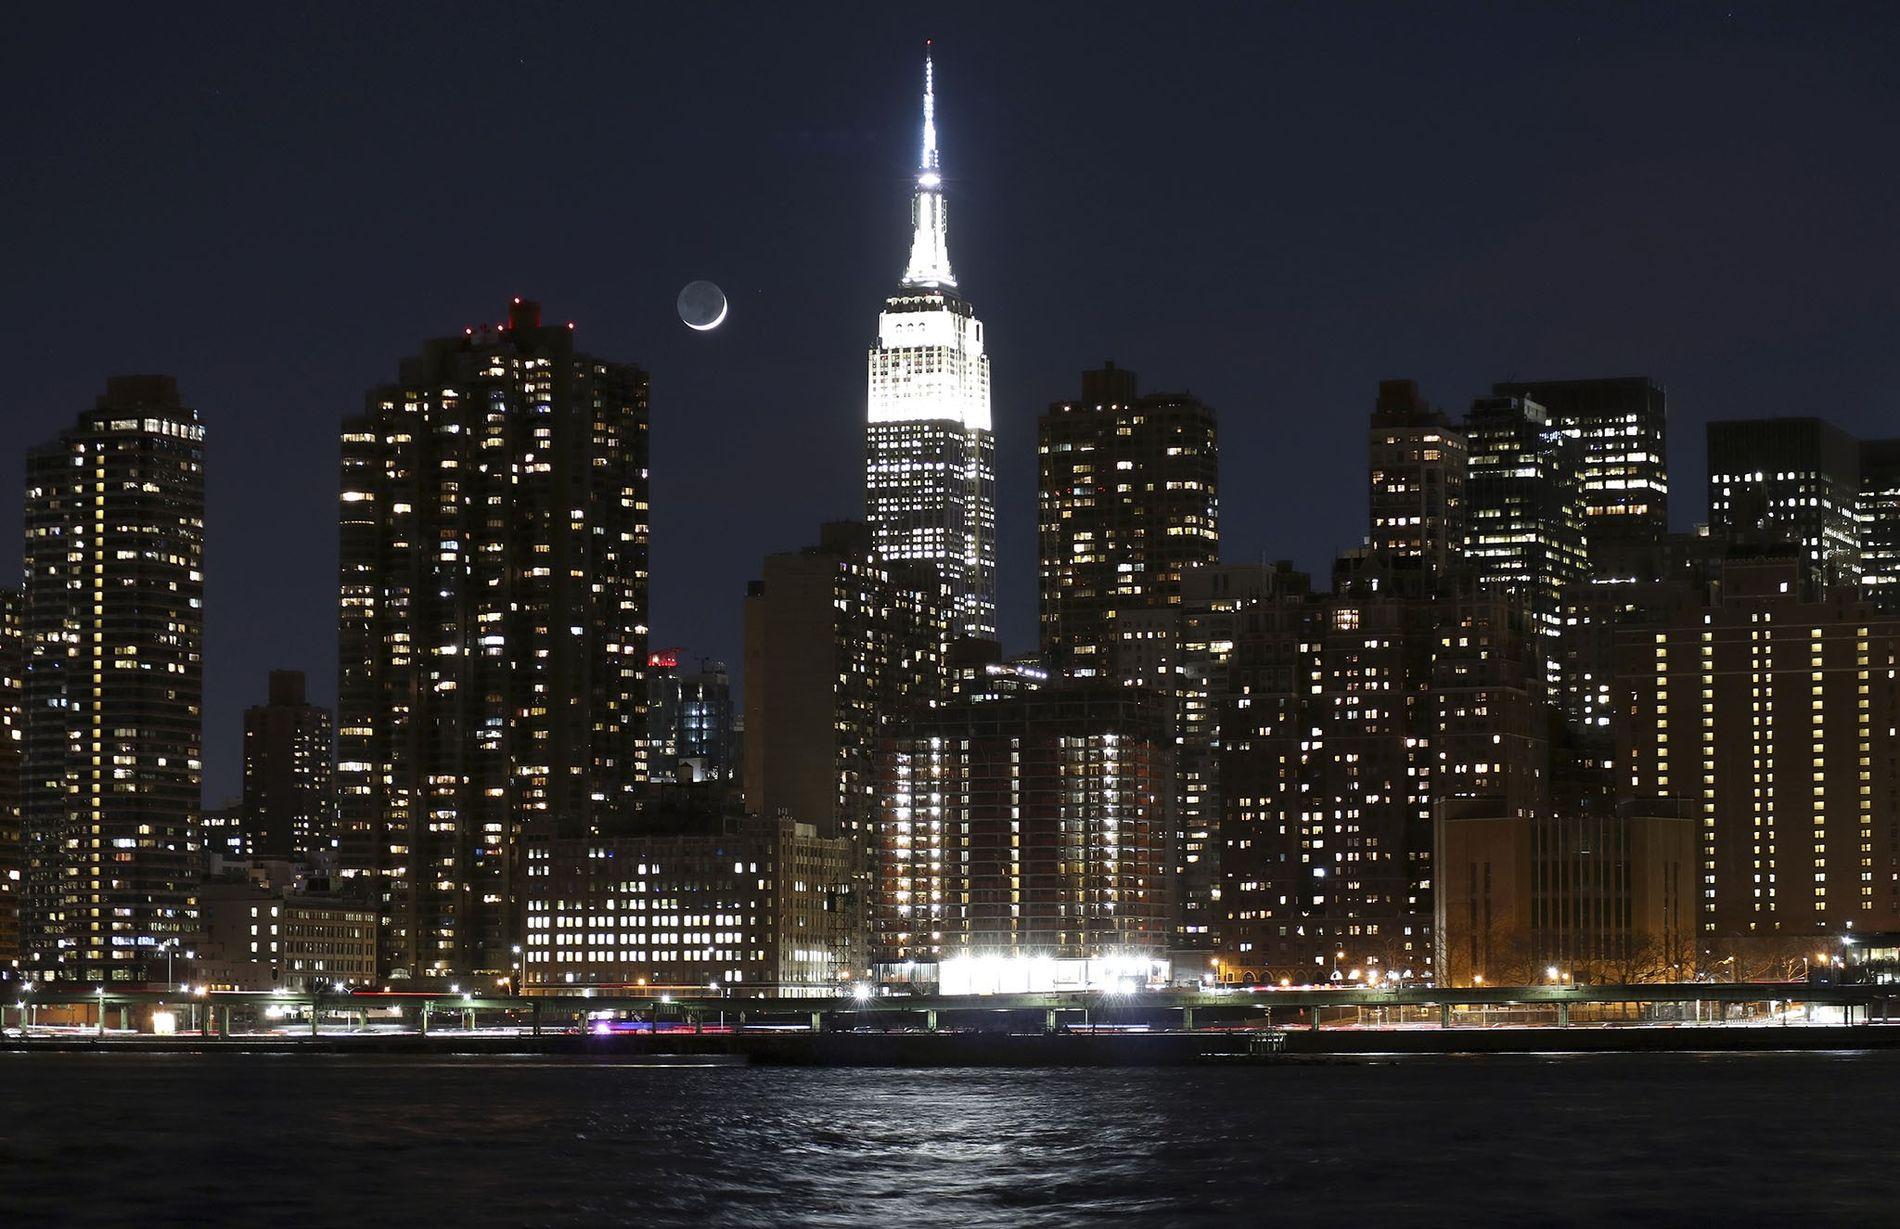 El lavado de cara del Empire State incluyó sus emblemáticas luces, que ahora son LED con millones de combinaciones de colores posibles. Nueva York también aborda la eficiencia energética en monumentos menos prominentes, con una inversión de casi 500 millones de dólares para mejorar sus edificios. También es la primera ciudad estadounidense que se separa de los combustibles fósiles.